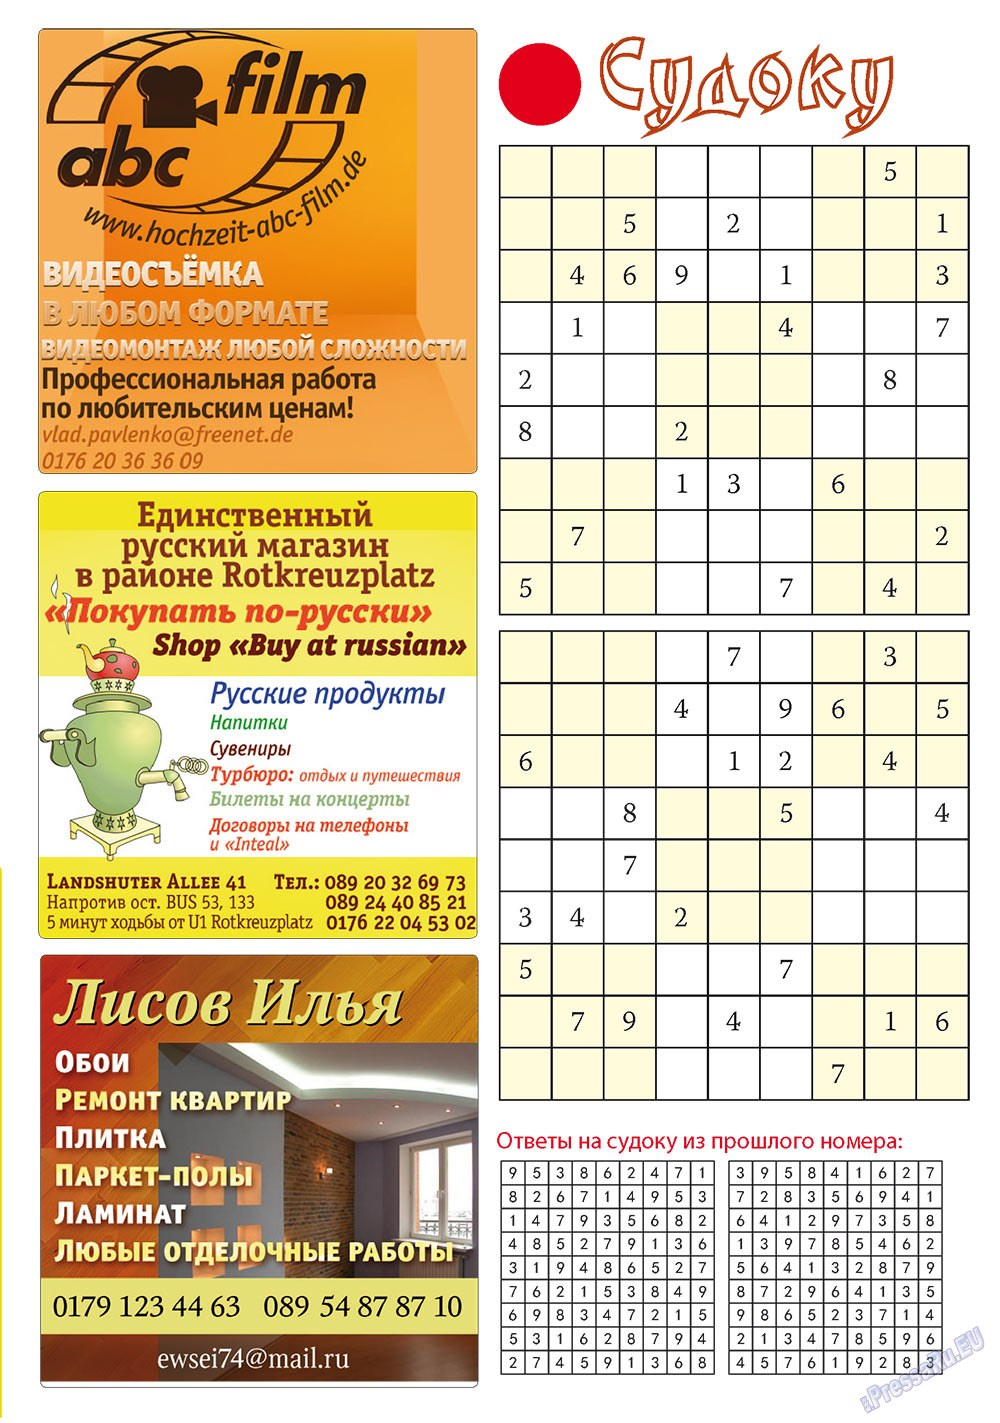 Апельсин (журнал). 2011 год, номер 18, стр. 41